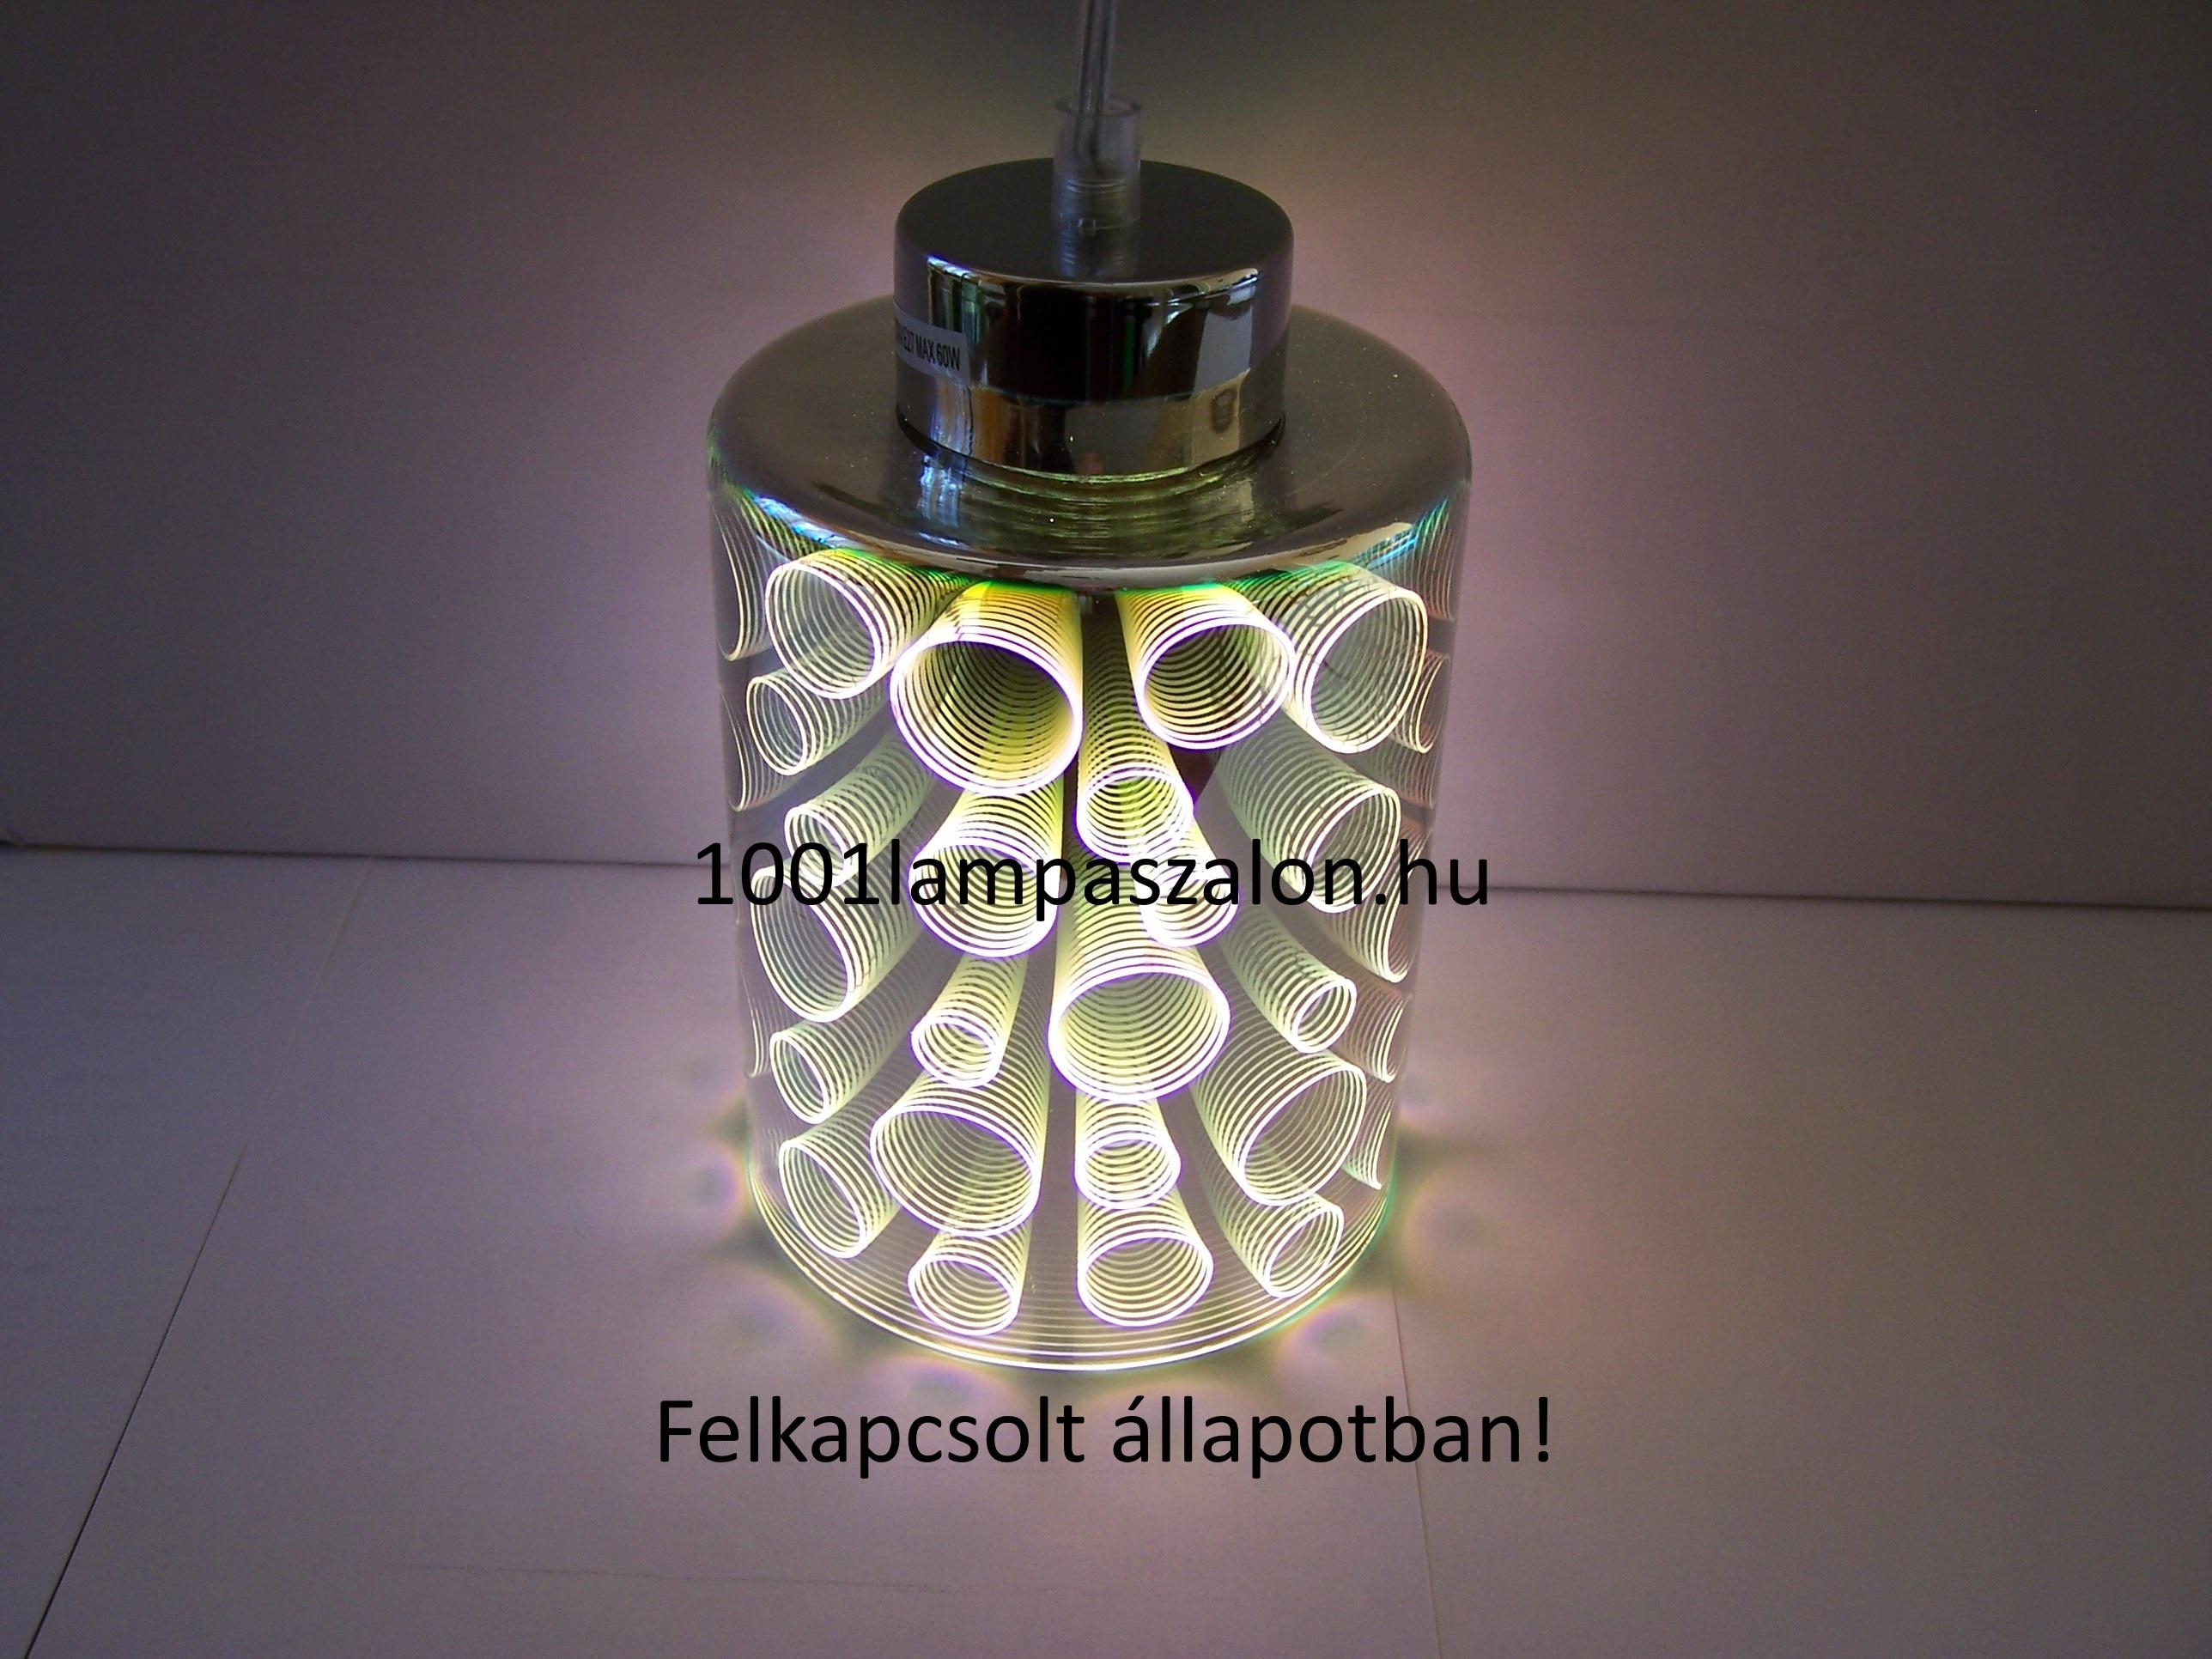 Candellux 34-57723 Nocturno 4 izzós lámpa függeszték / Candellux lámpák /